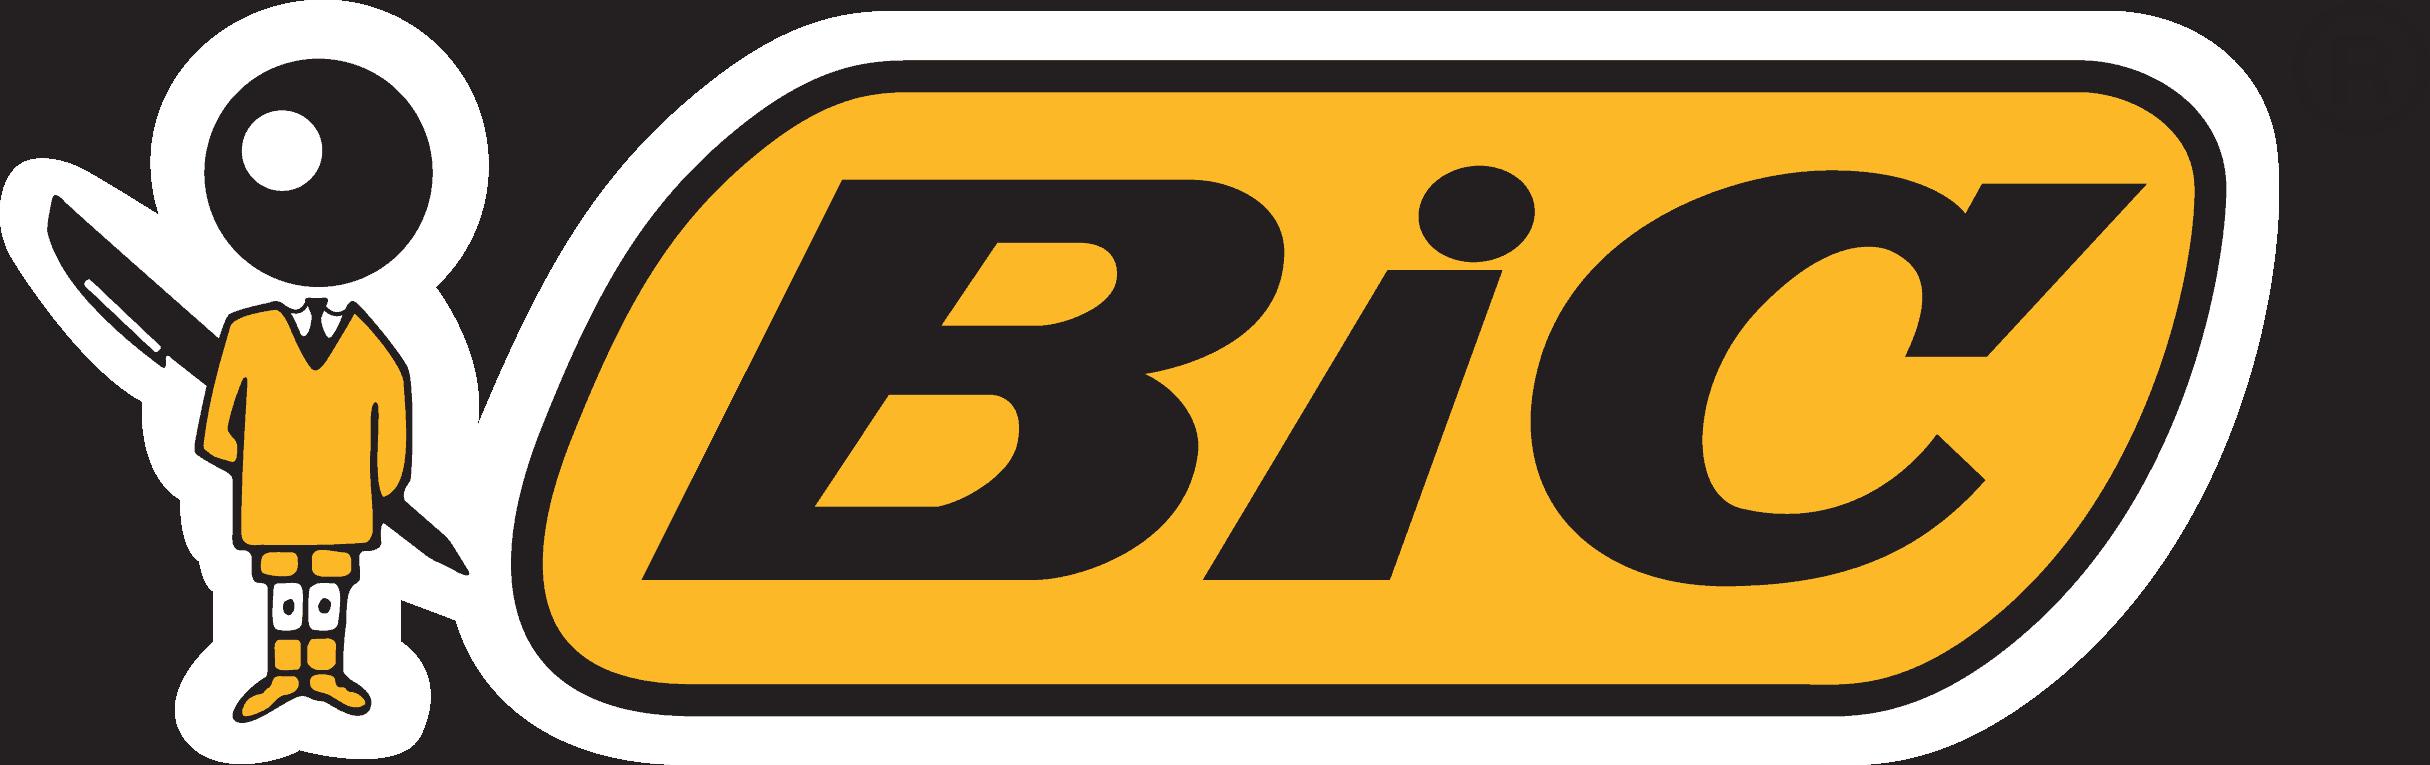 Bic Man